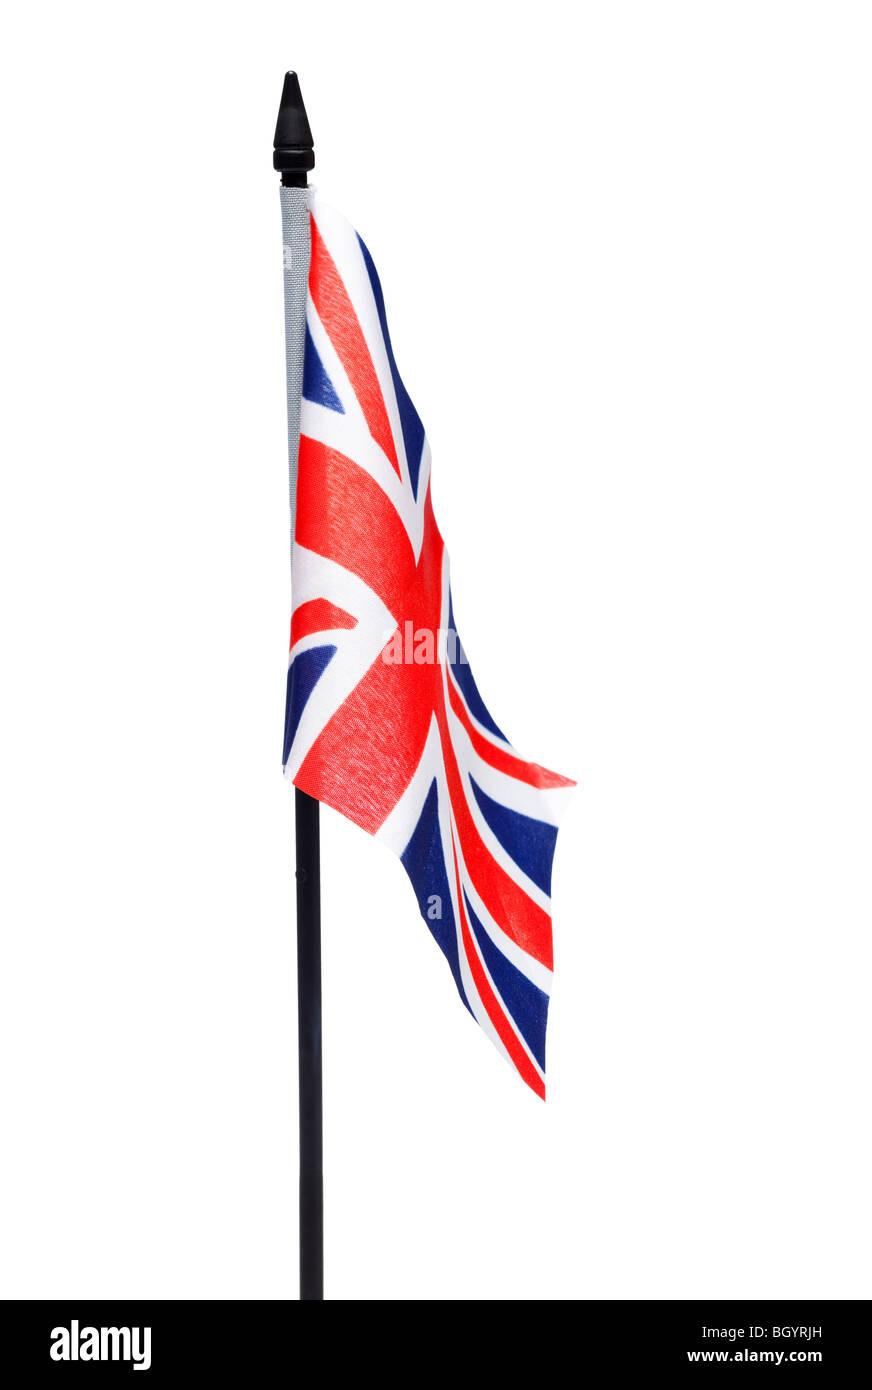 British flag, Union Jack, flag of the United Kingdom - Stock Image